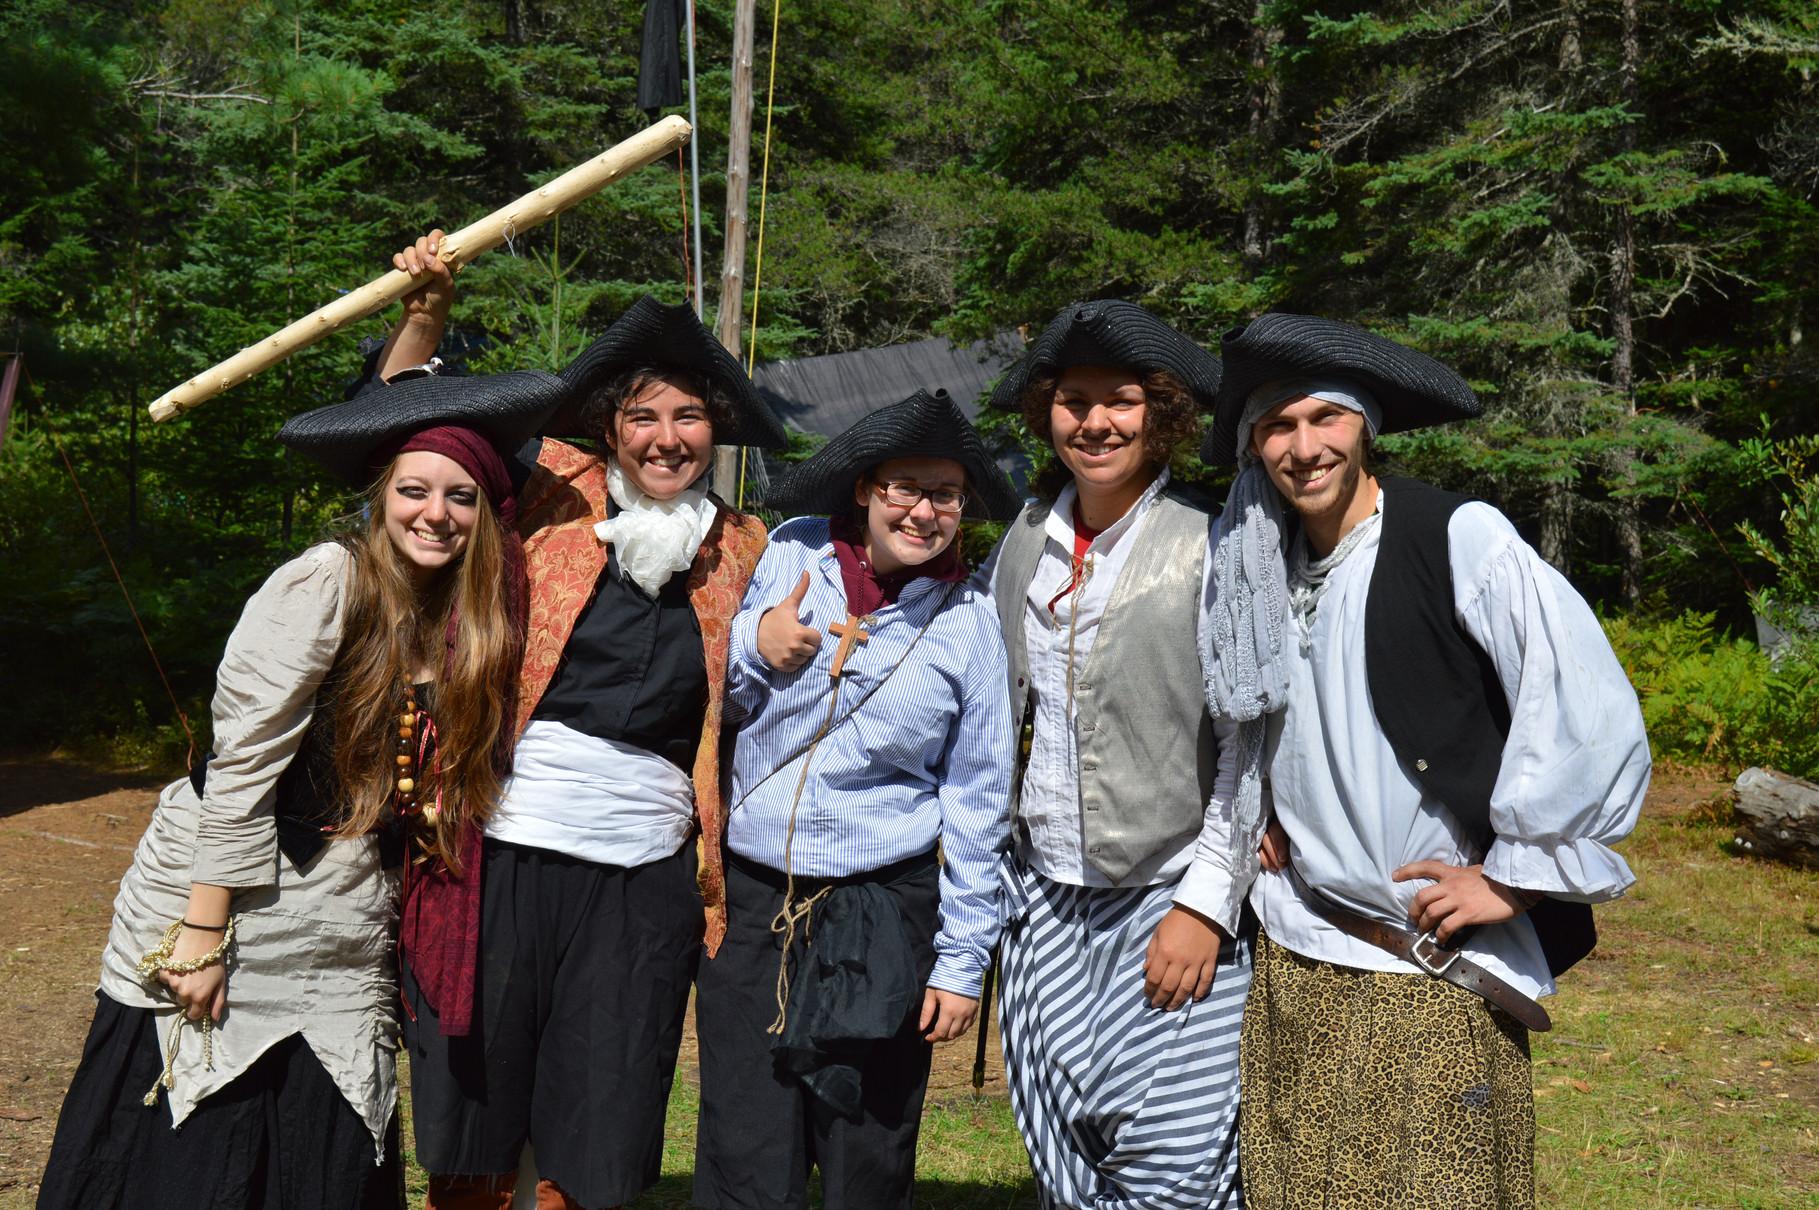 L'équipe de maîtrise (adultes responsables) dans leurs costumes thématiques